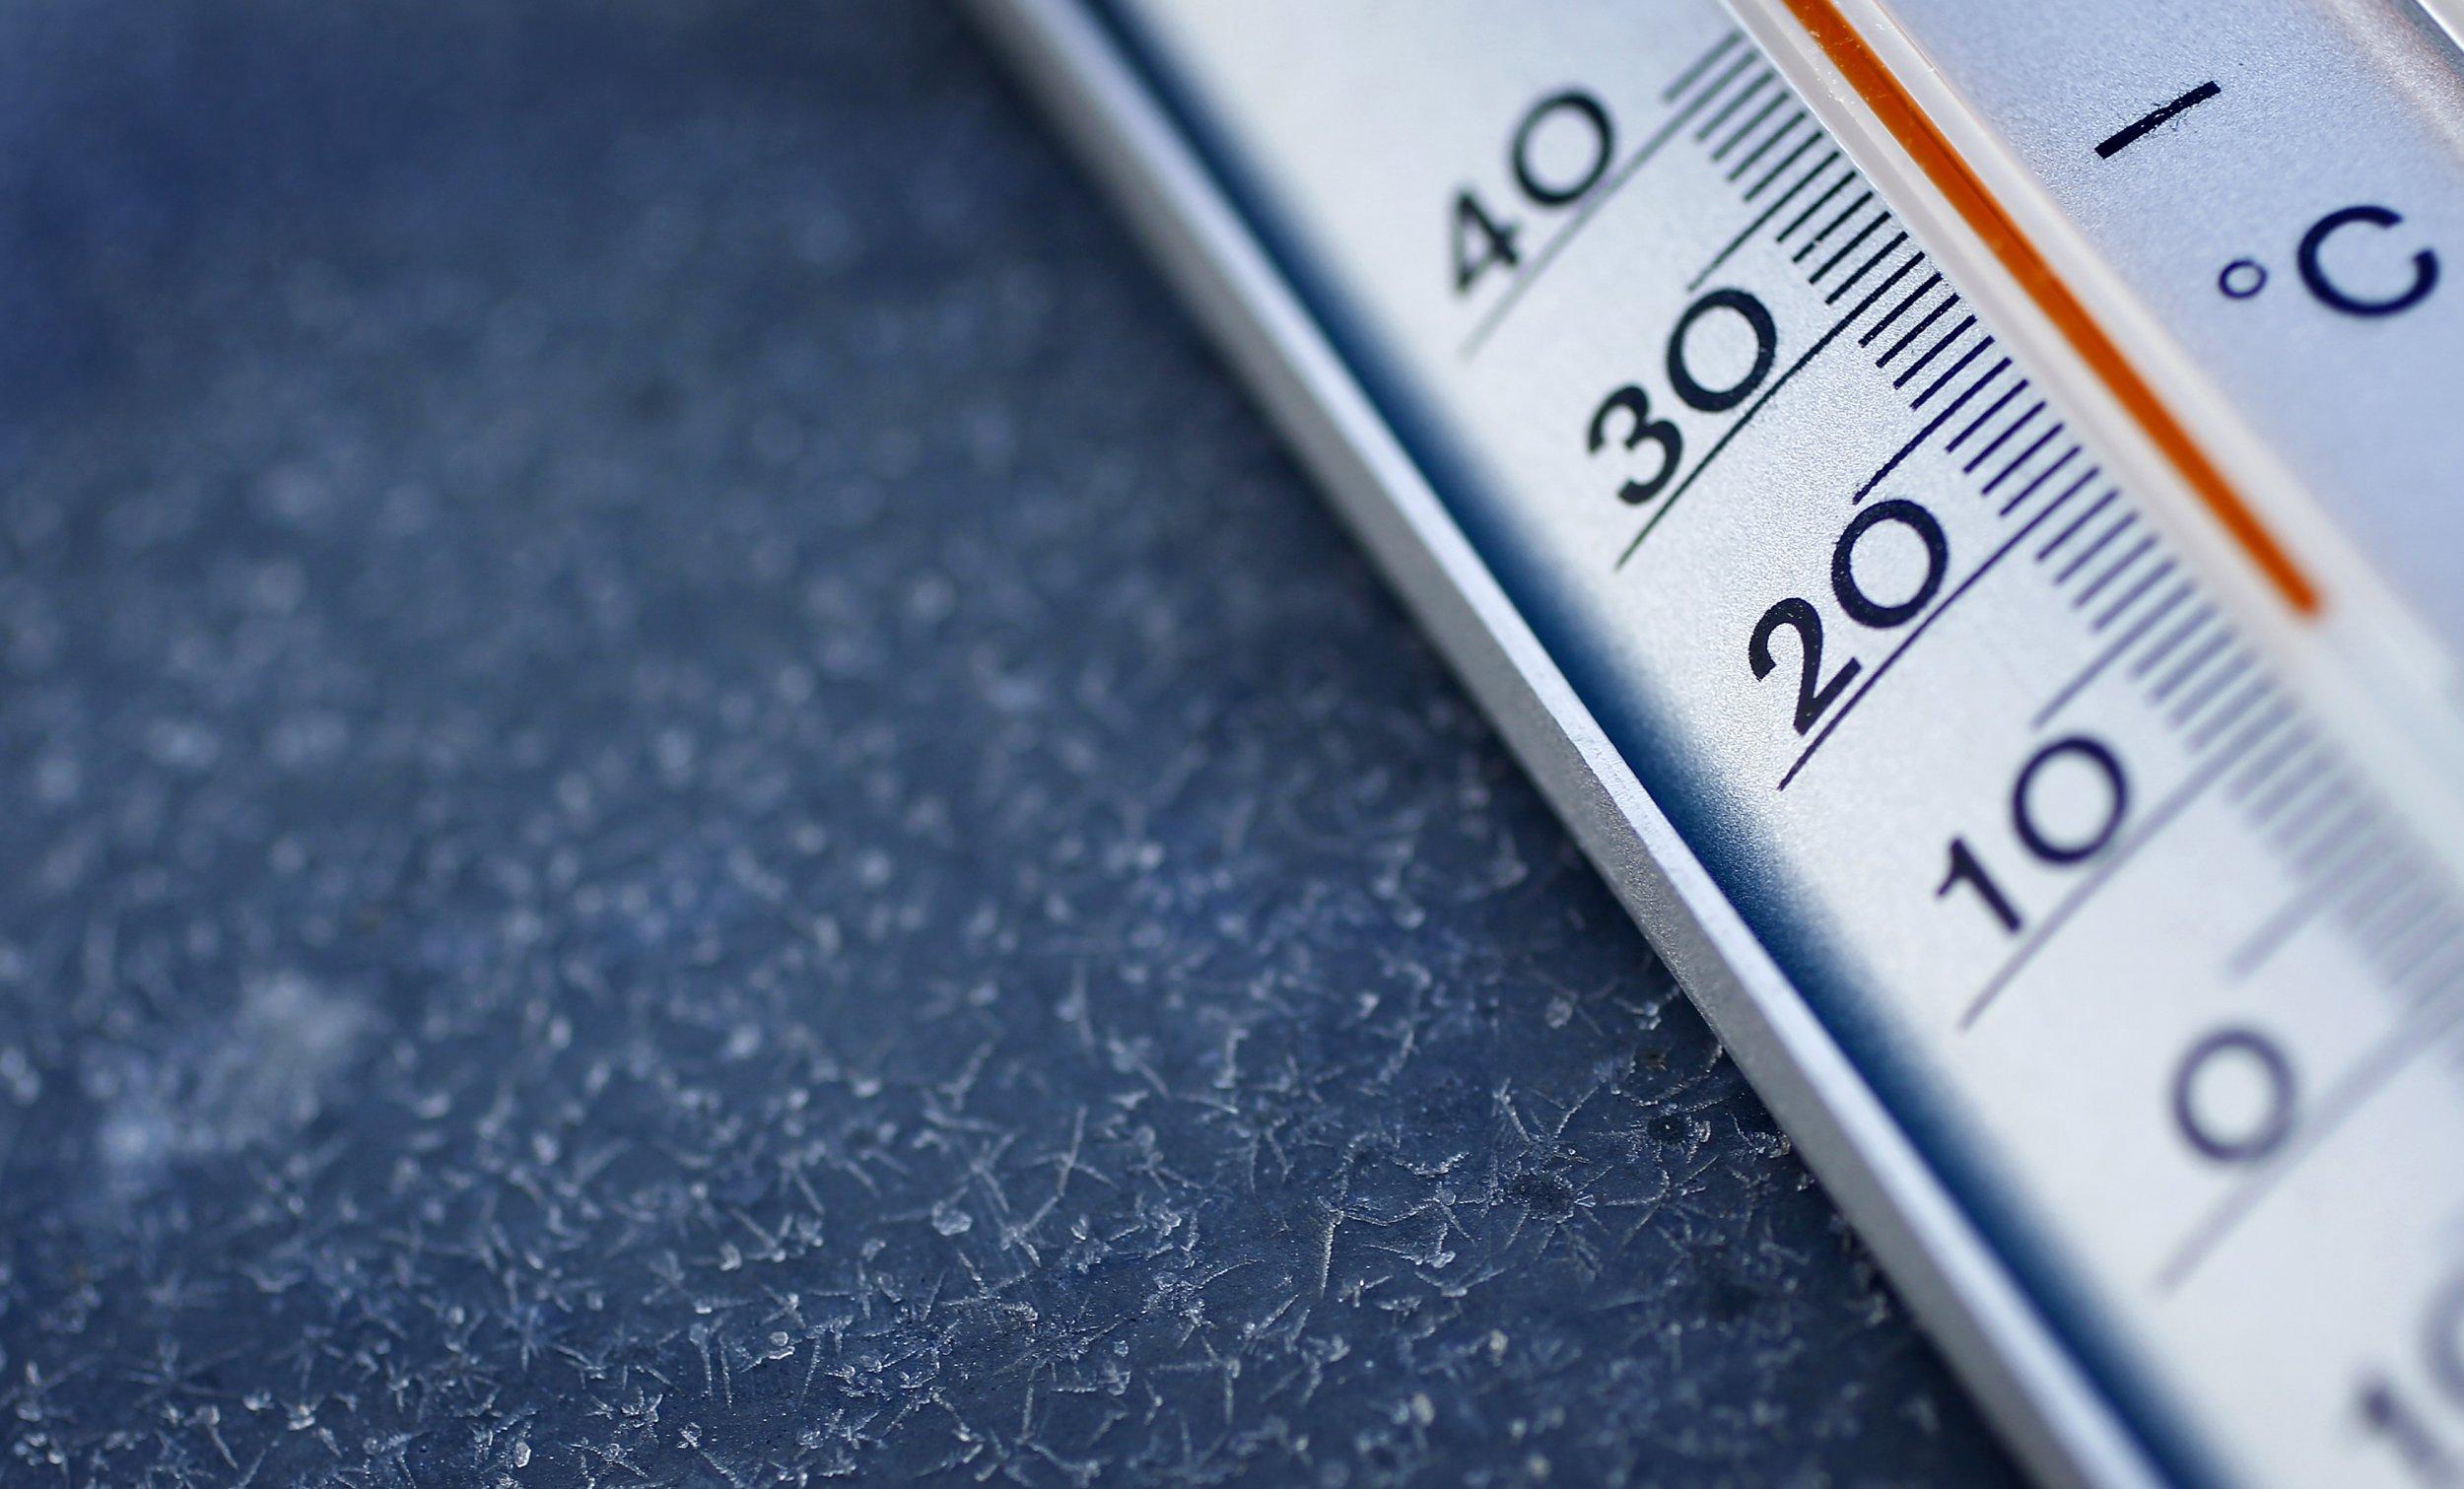 Картинки по запросу thermometer